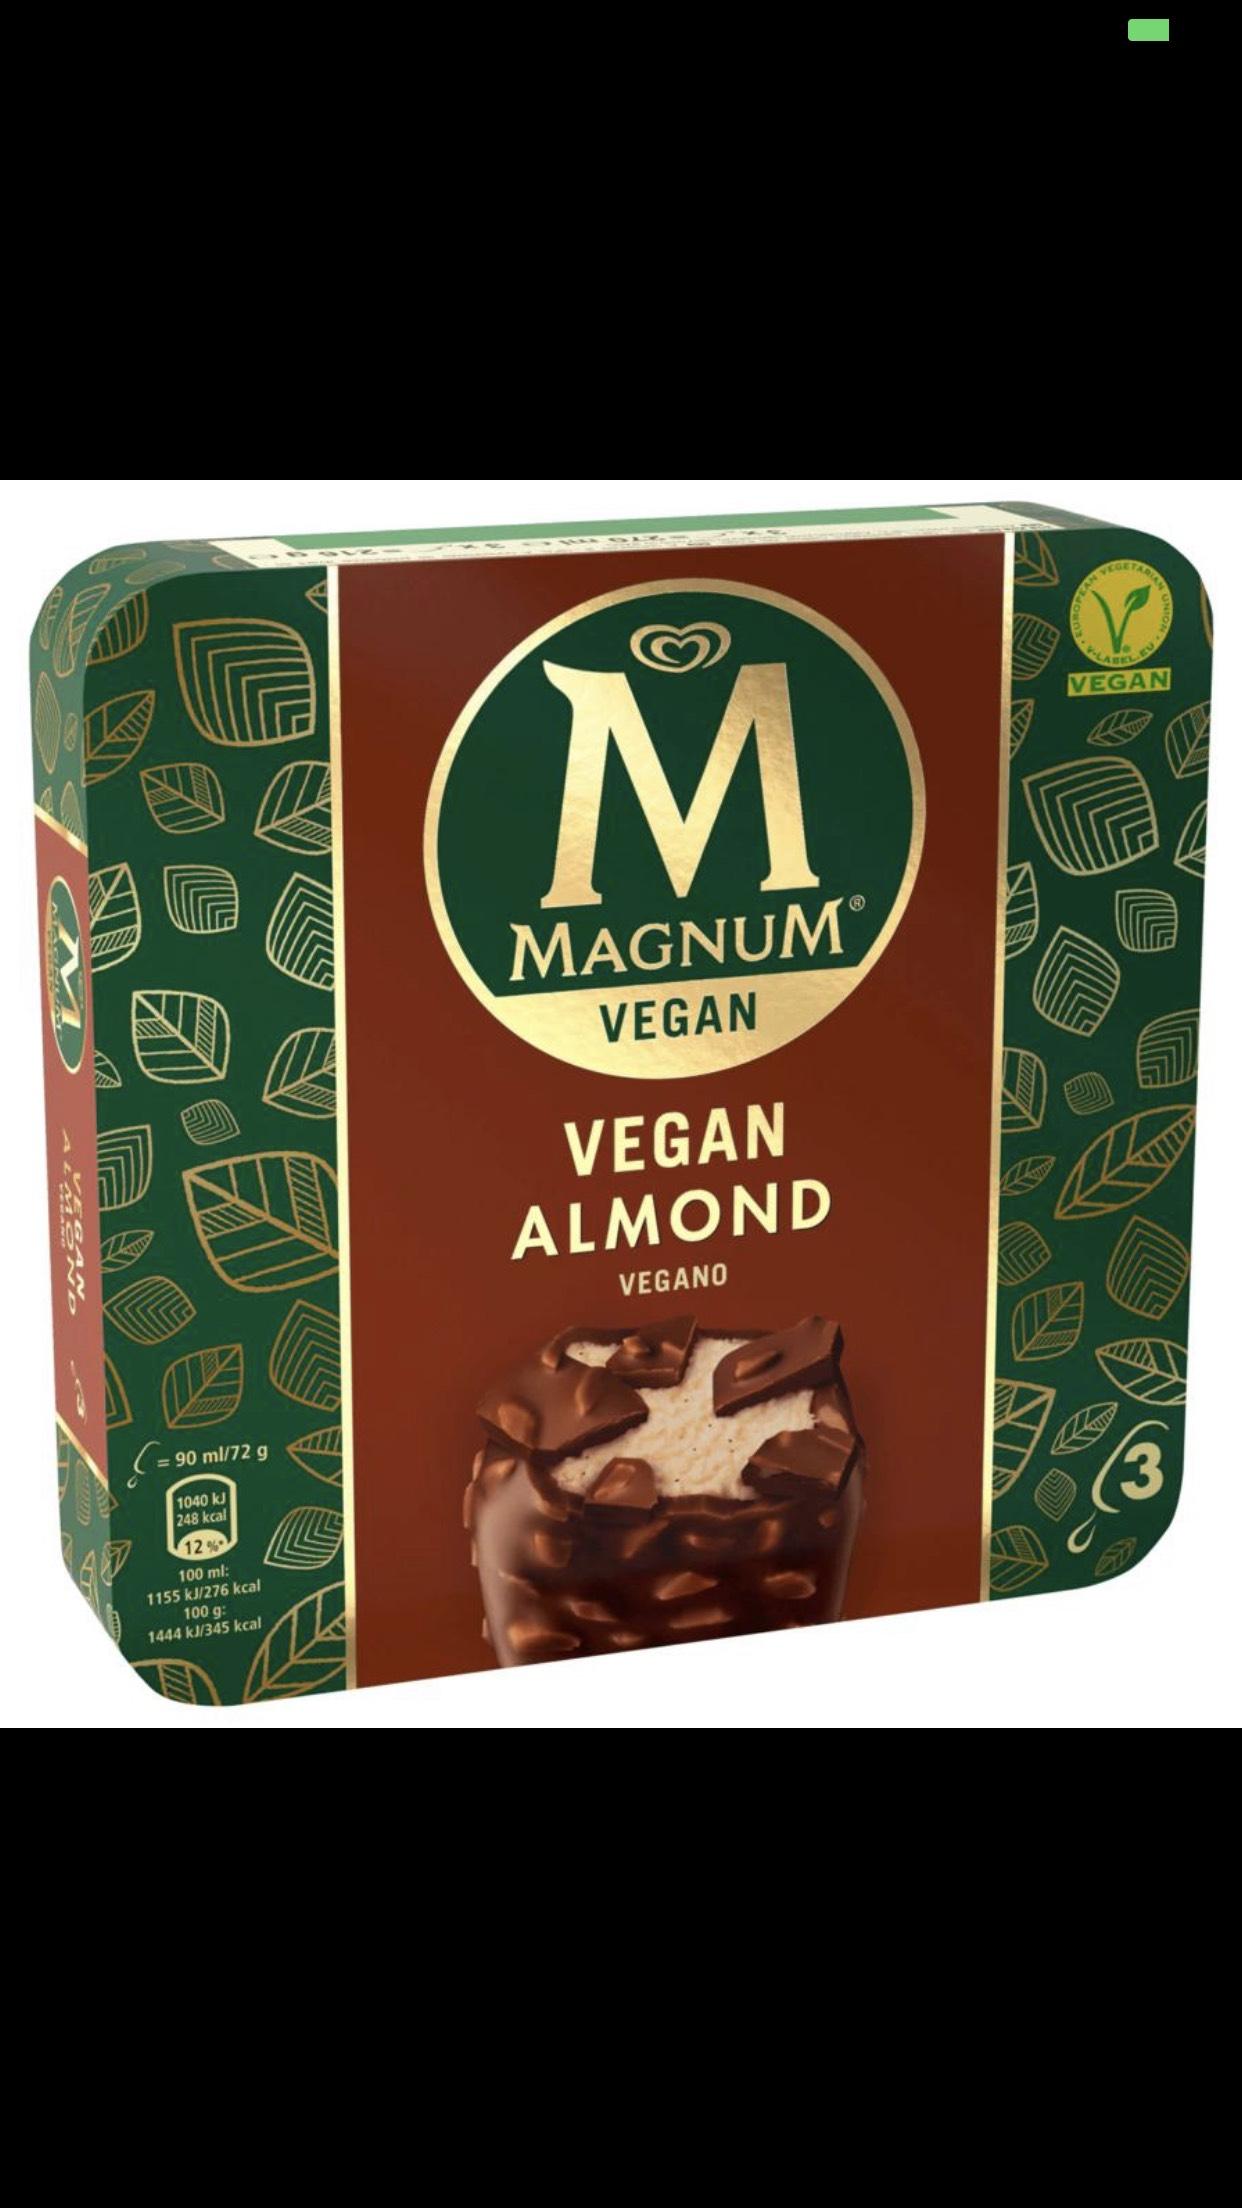 [Lokal] Magnum Eis vegan - bereits jetzt bei real in Dreieich für 1,99 €